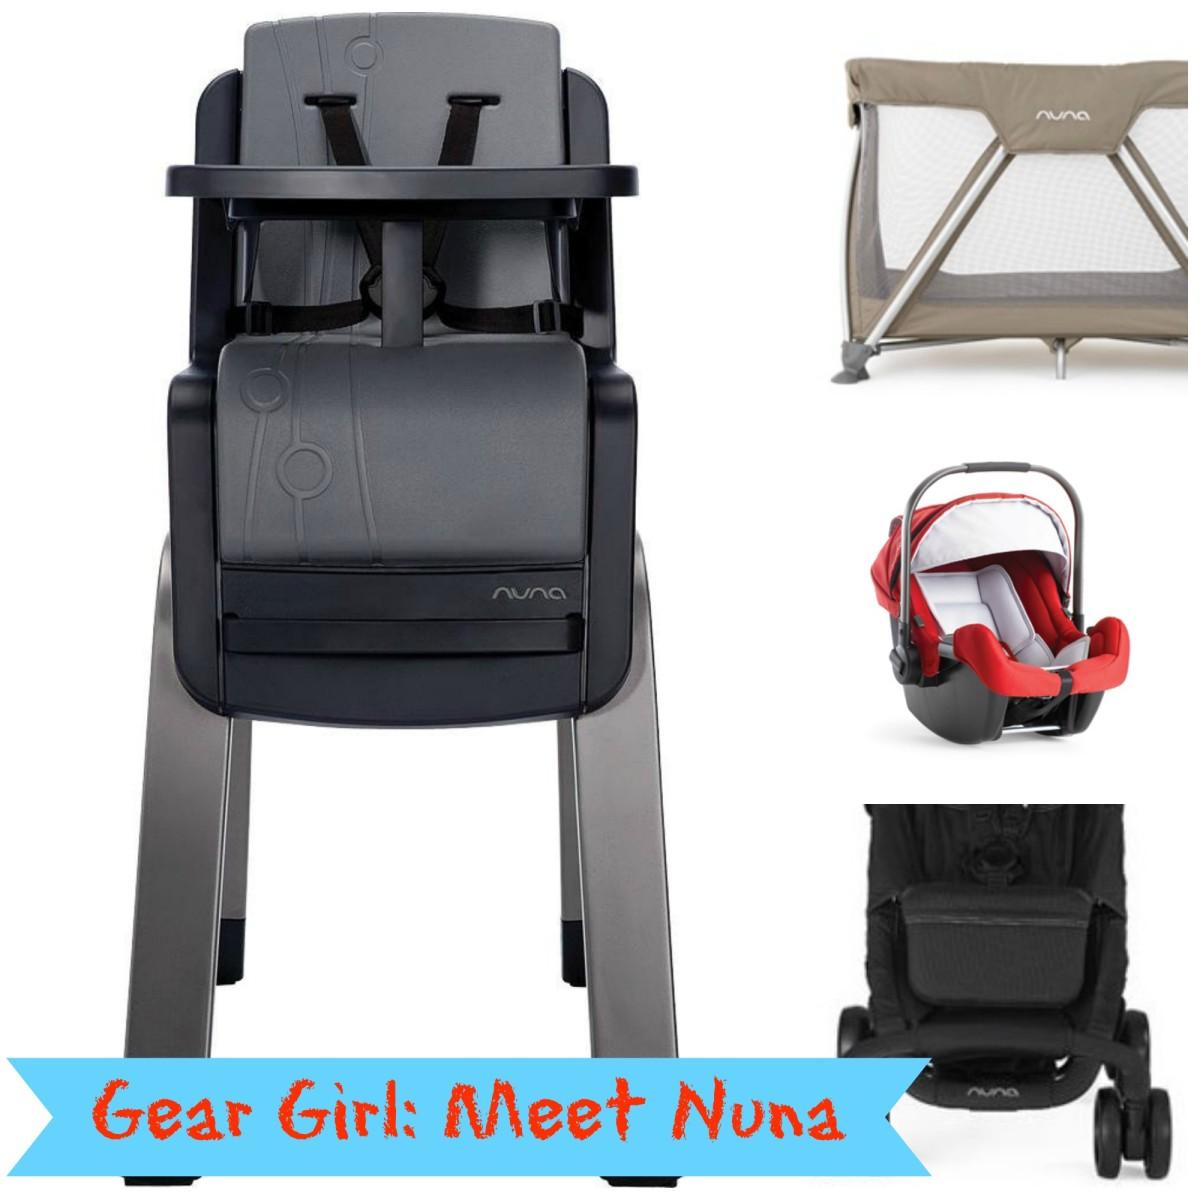 Gear Girl Meet Nuna MomTrendsMomTrends